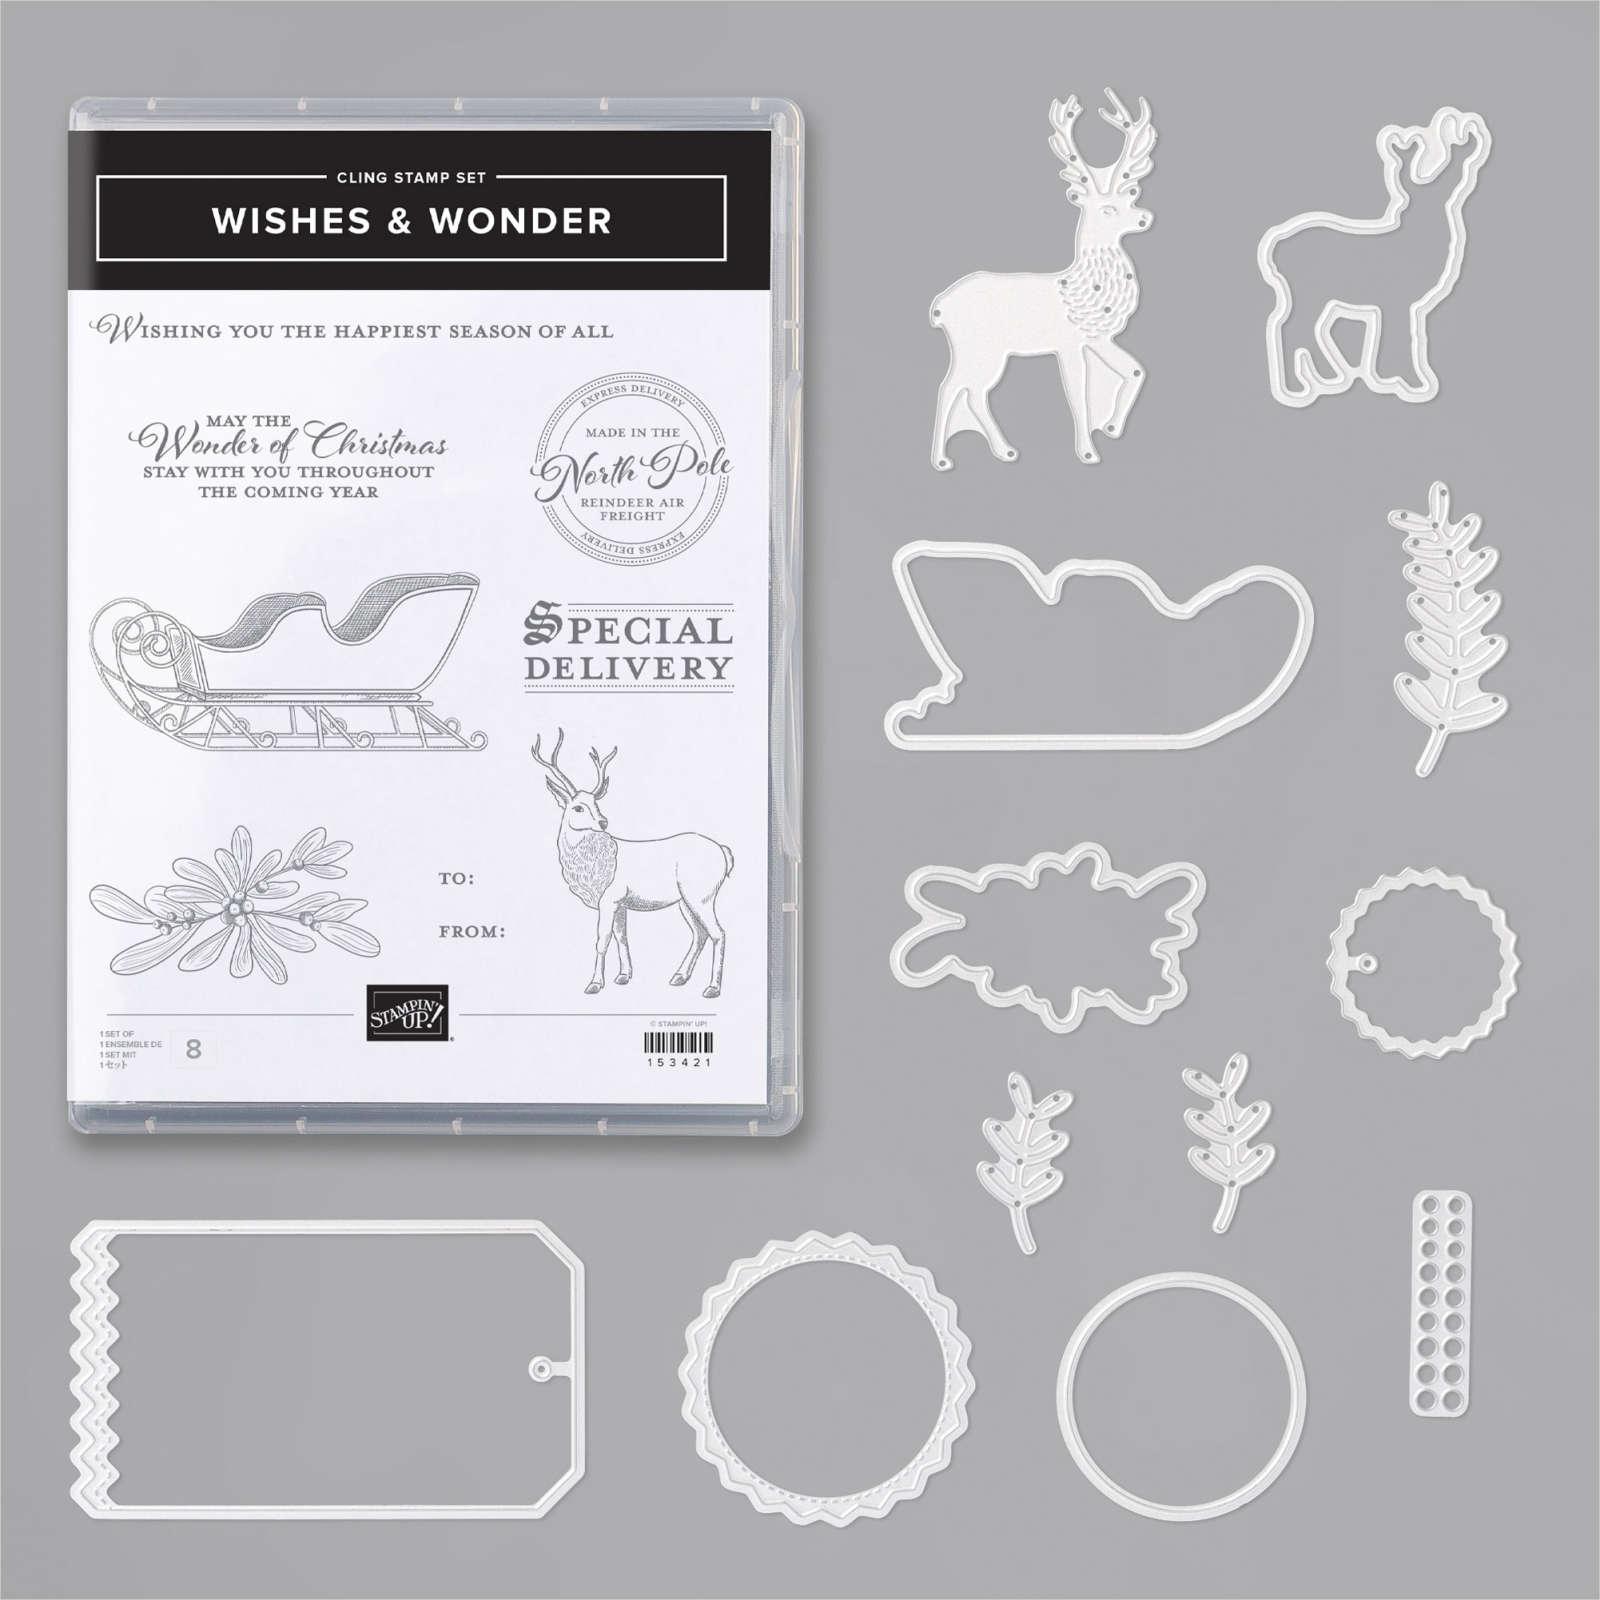 WISHES & WONDER BUNDLE (ENGLISH)